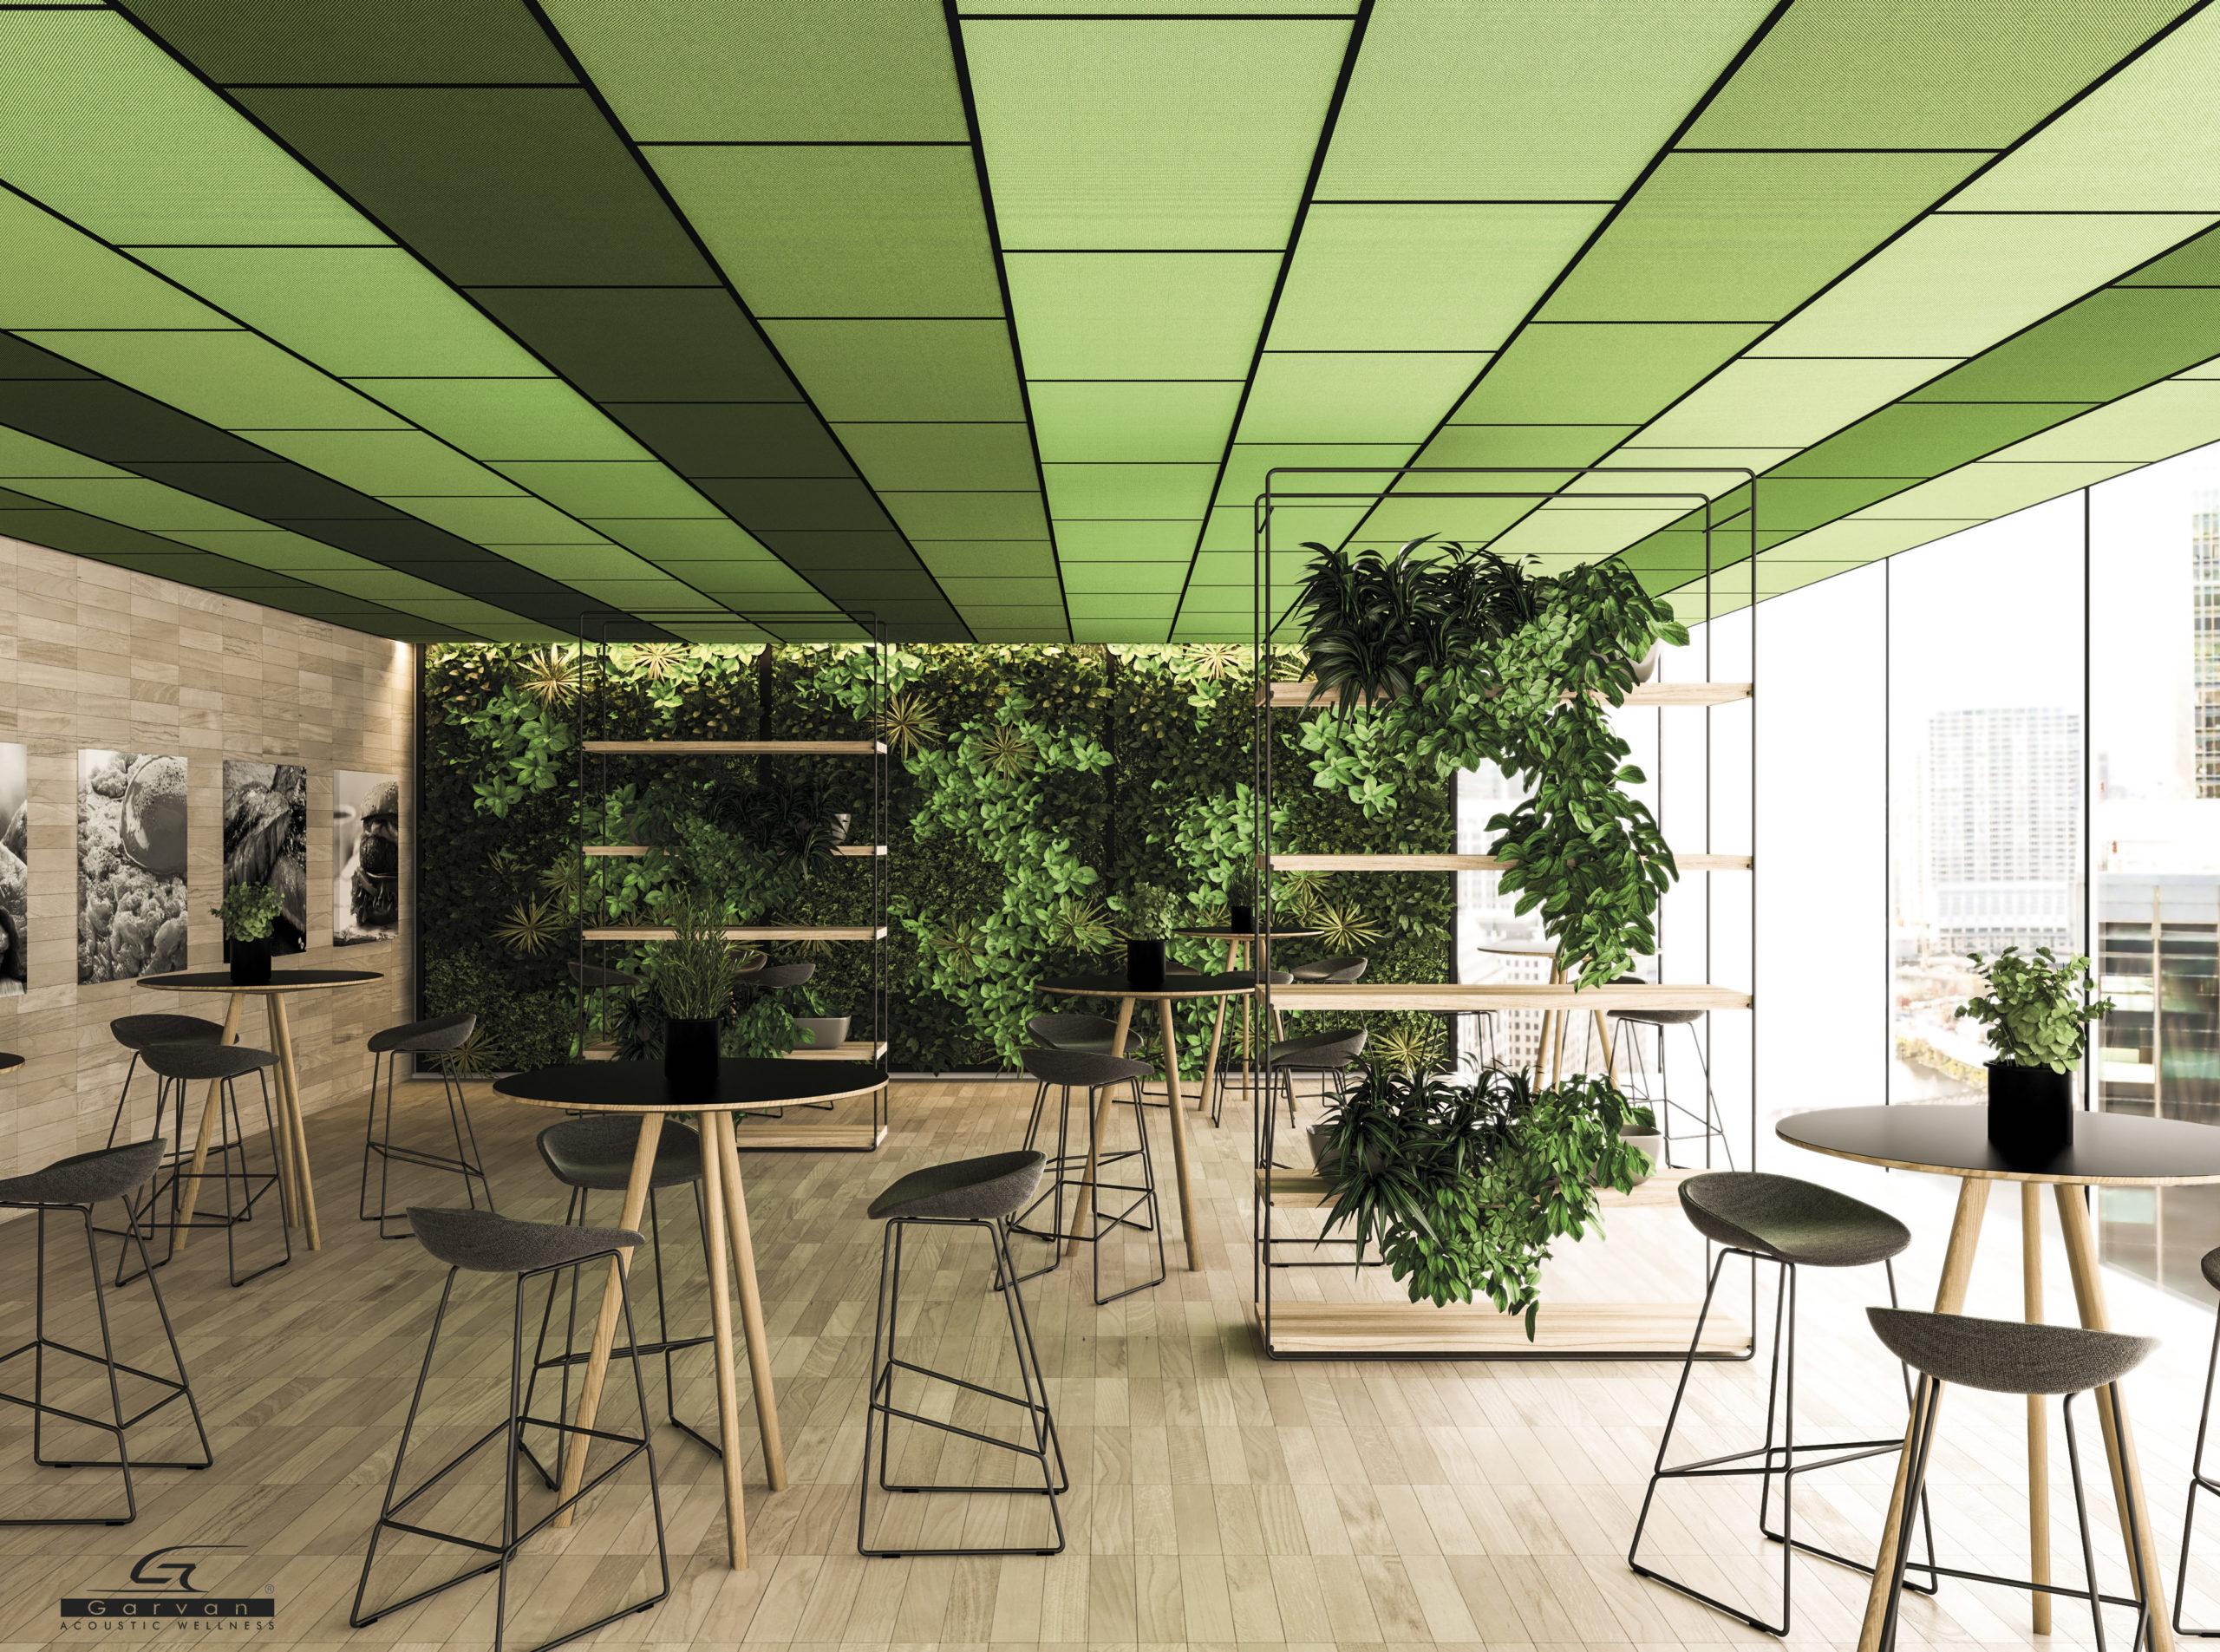 soluzione a soffitto con pannelli fonoassorbenti  acoustic surface finitura in tessuto